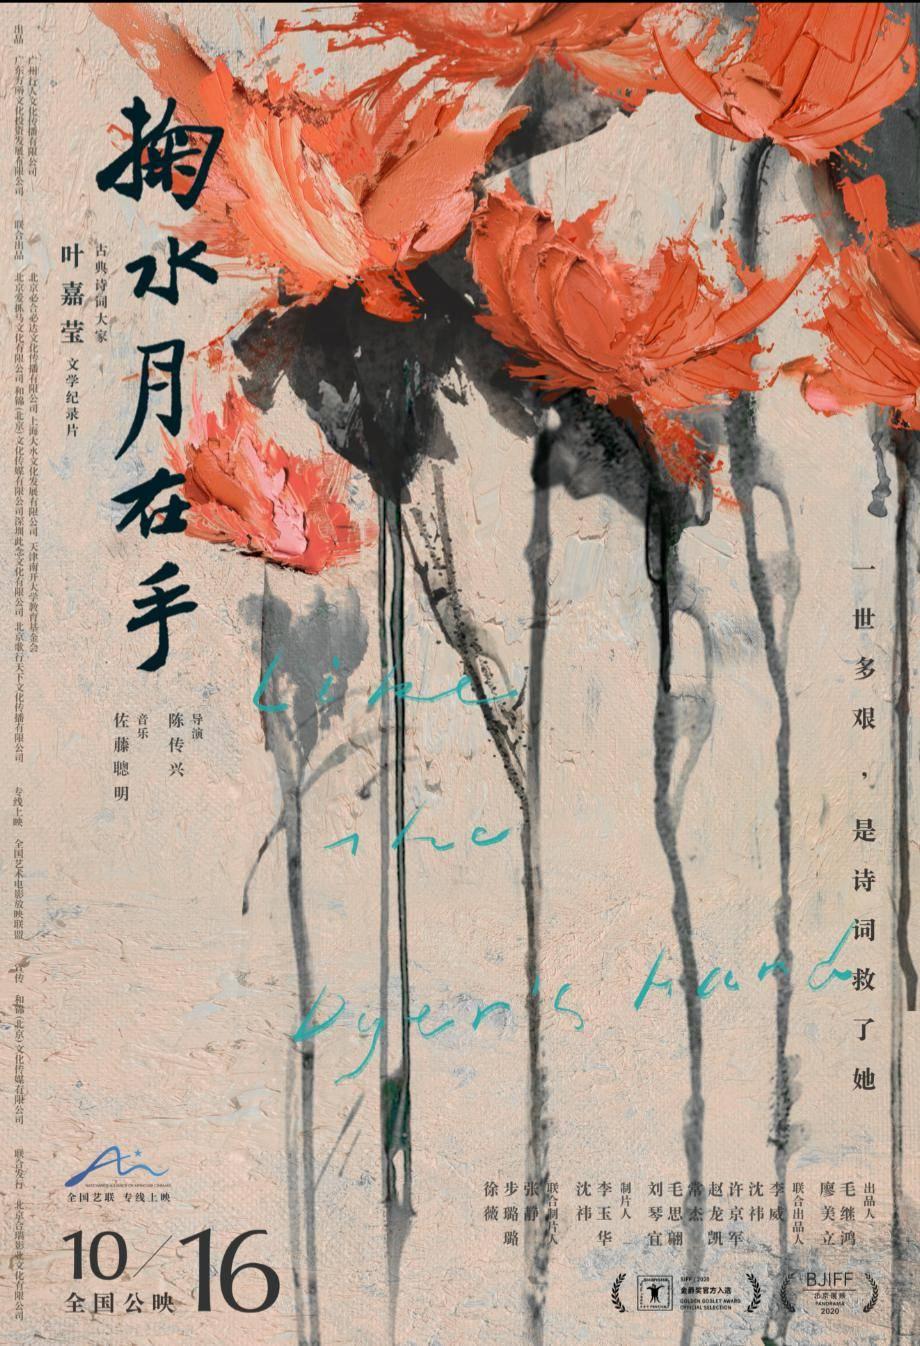 《掬水月在手》导演:肩抗中国诗词的传承,诗才能救赎